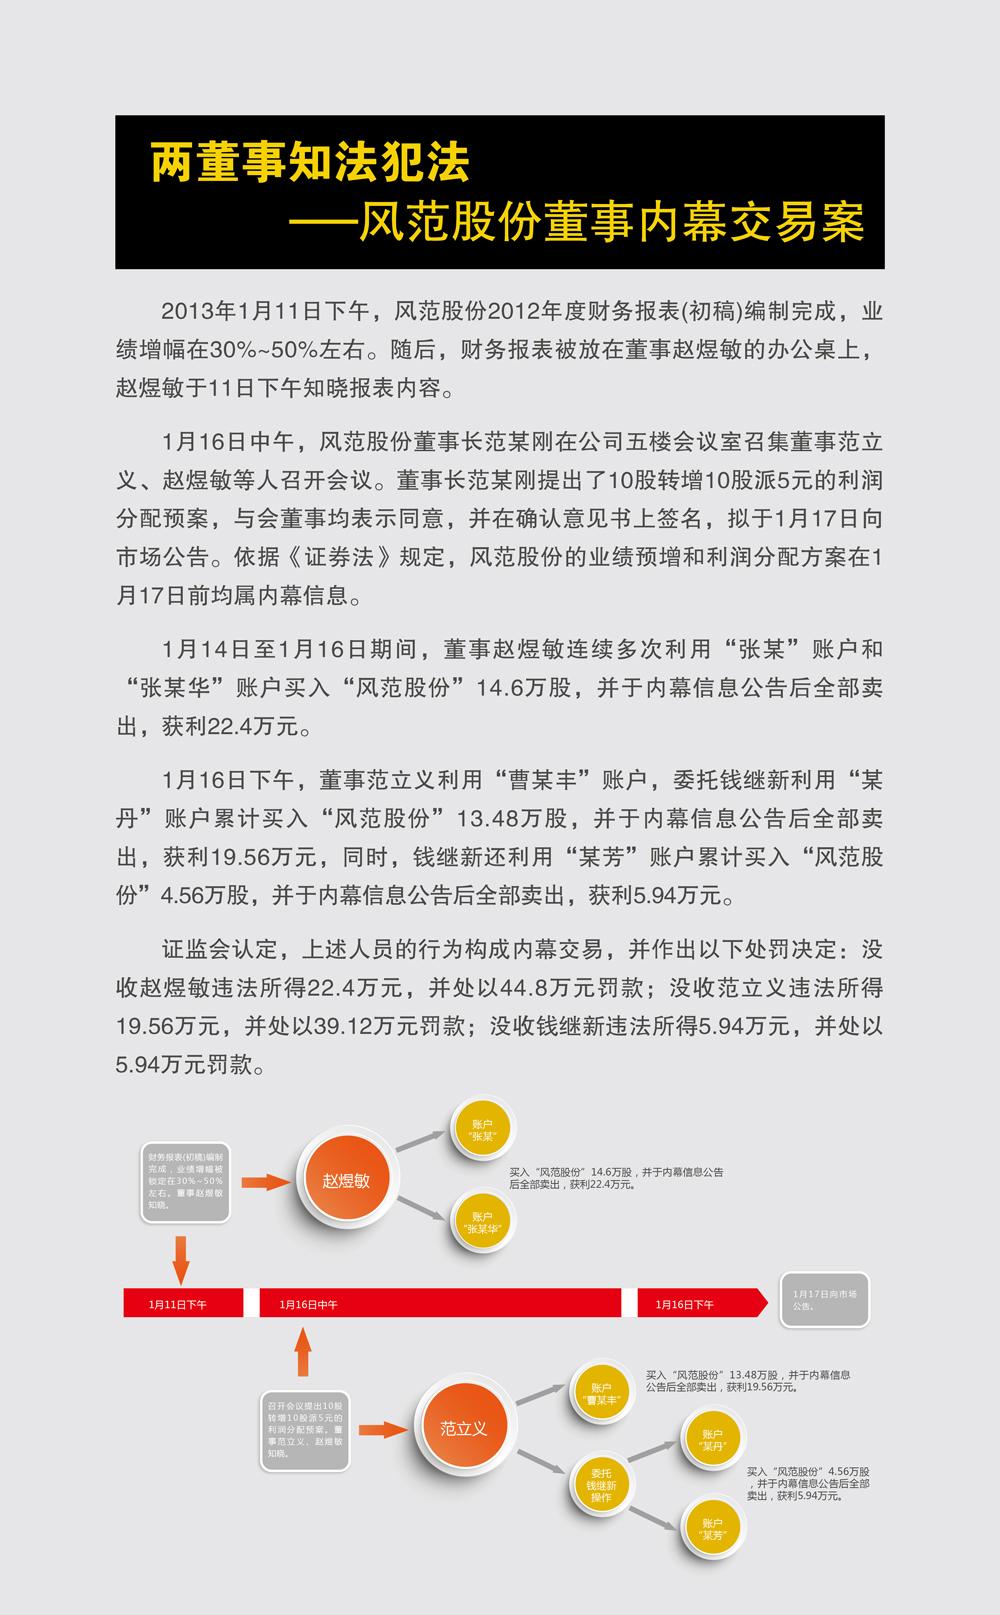 上海证监局内幕交易教育警示展38